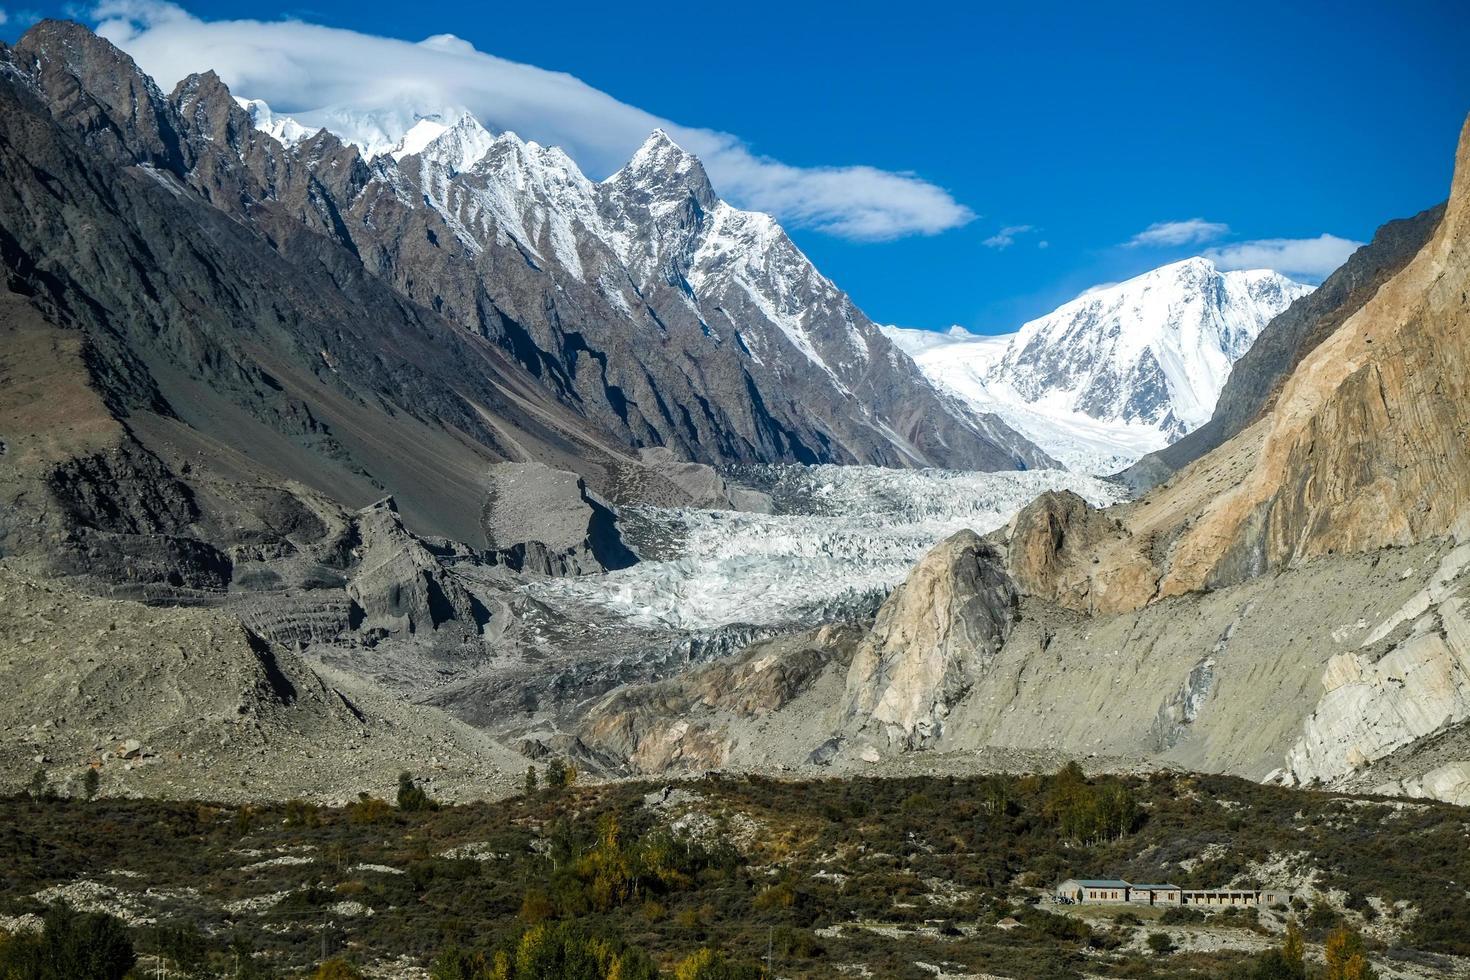 geleira passu cercada por montanhas cobertas de neve foto